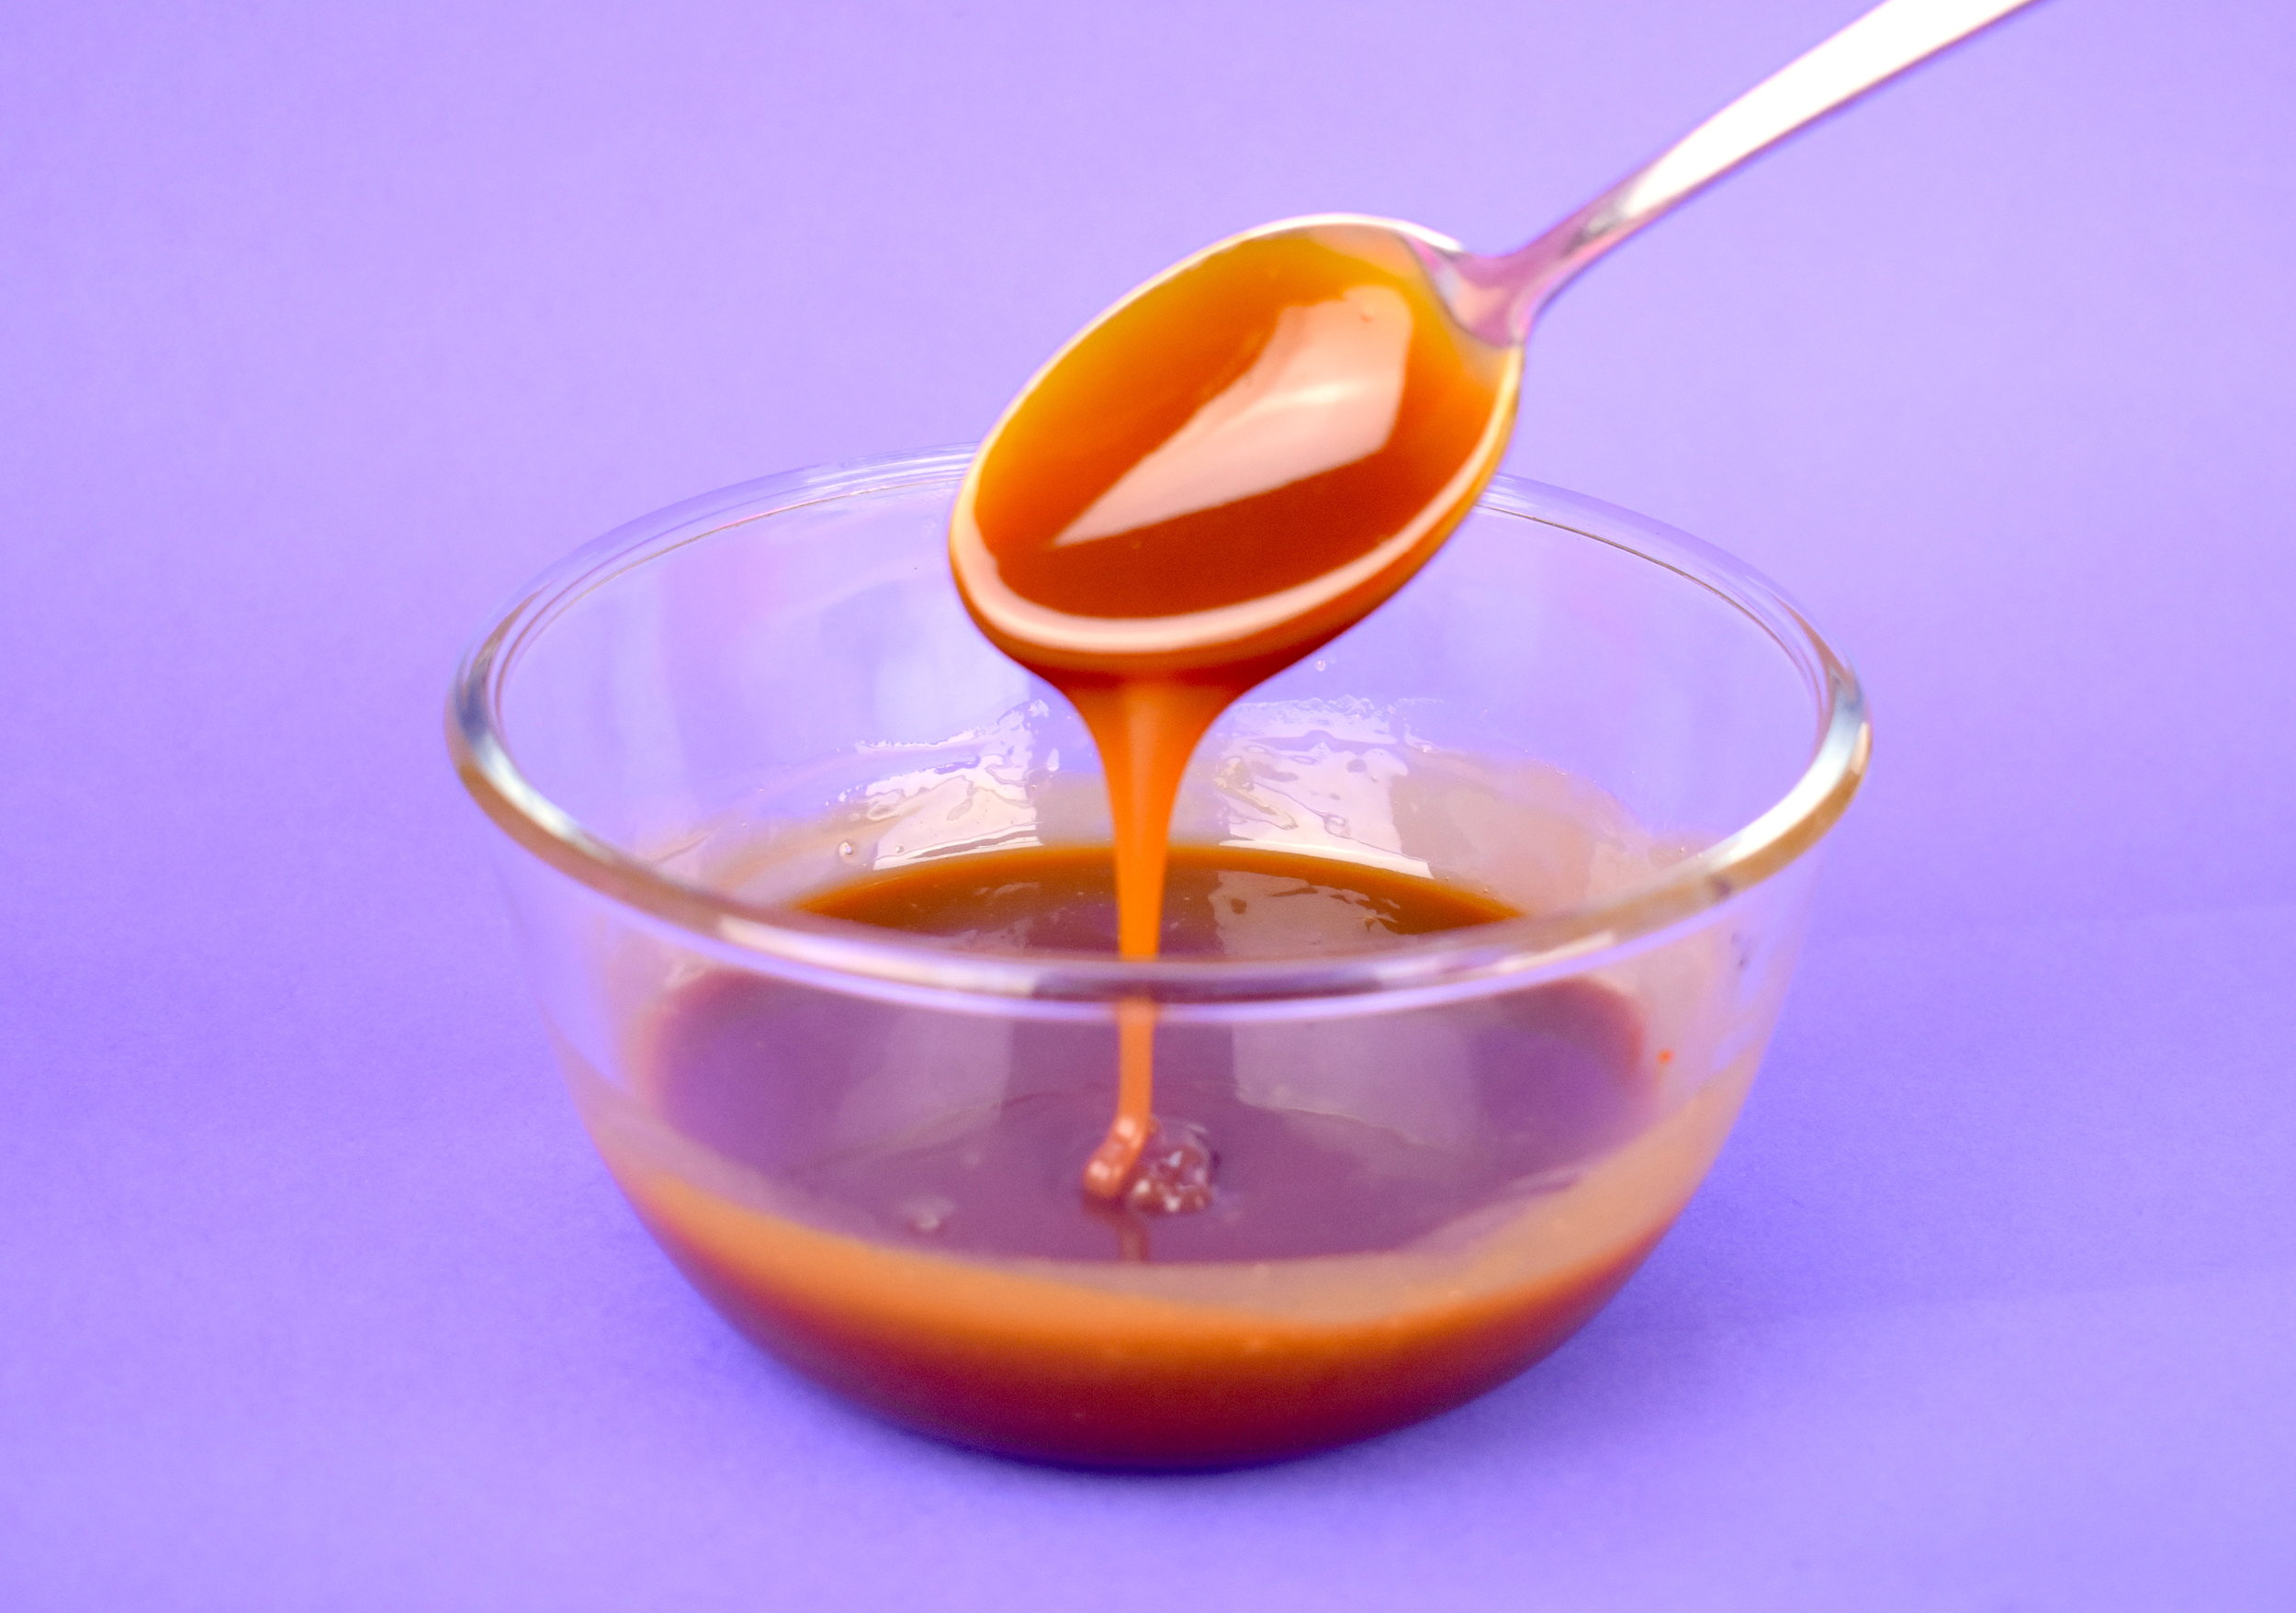 easy vegan recipe for caramel, cake dairy free baking egg free sara kidd